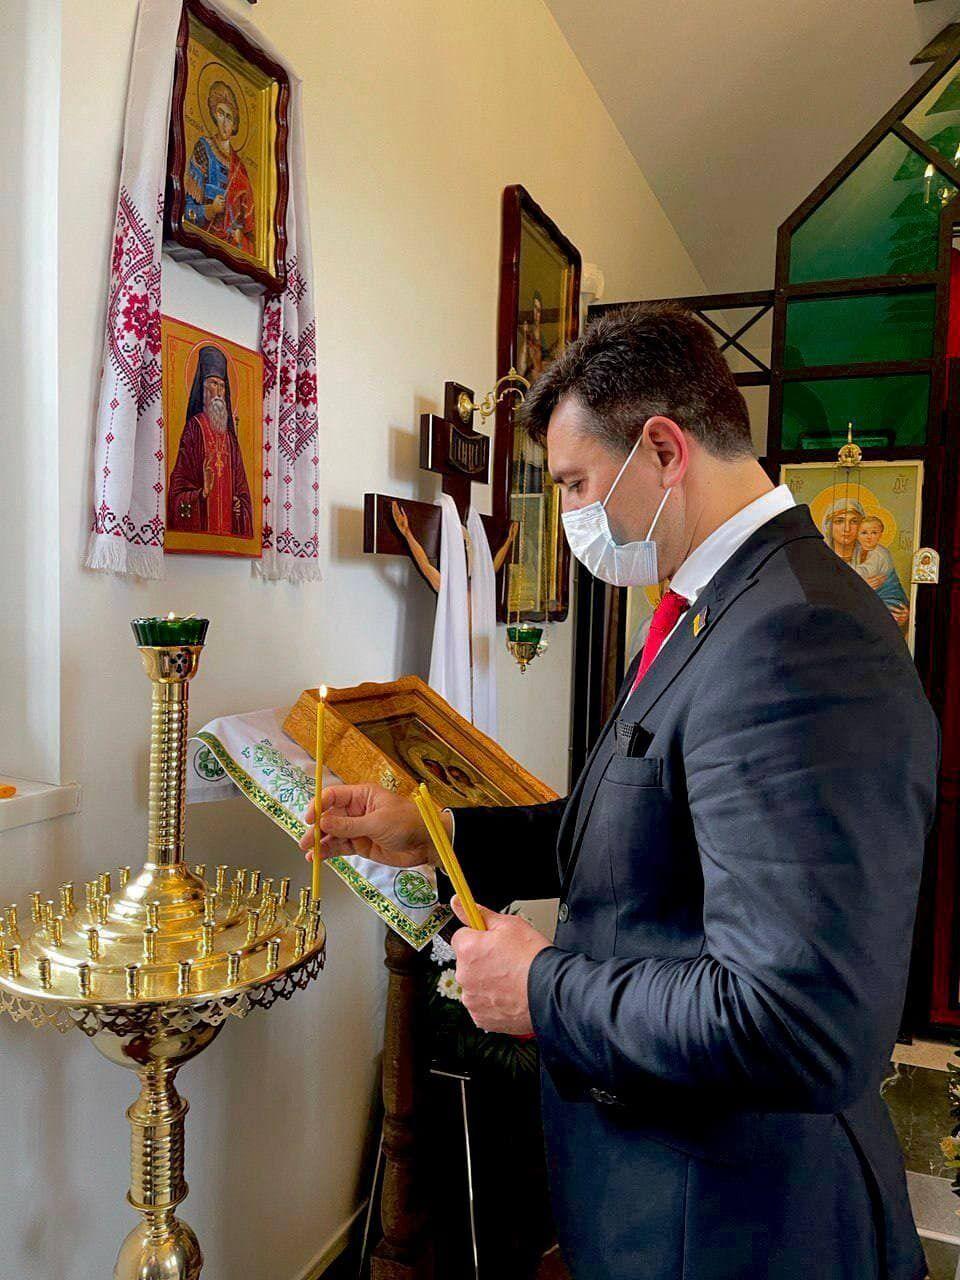 Тищенко помолился за Лероса и поставил свечку в церкви.